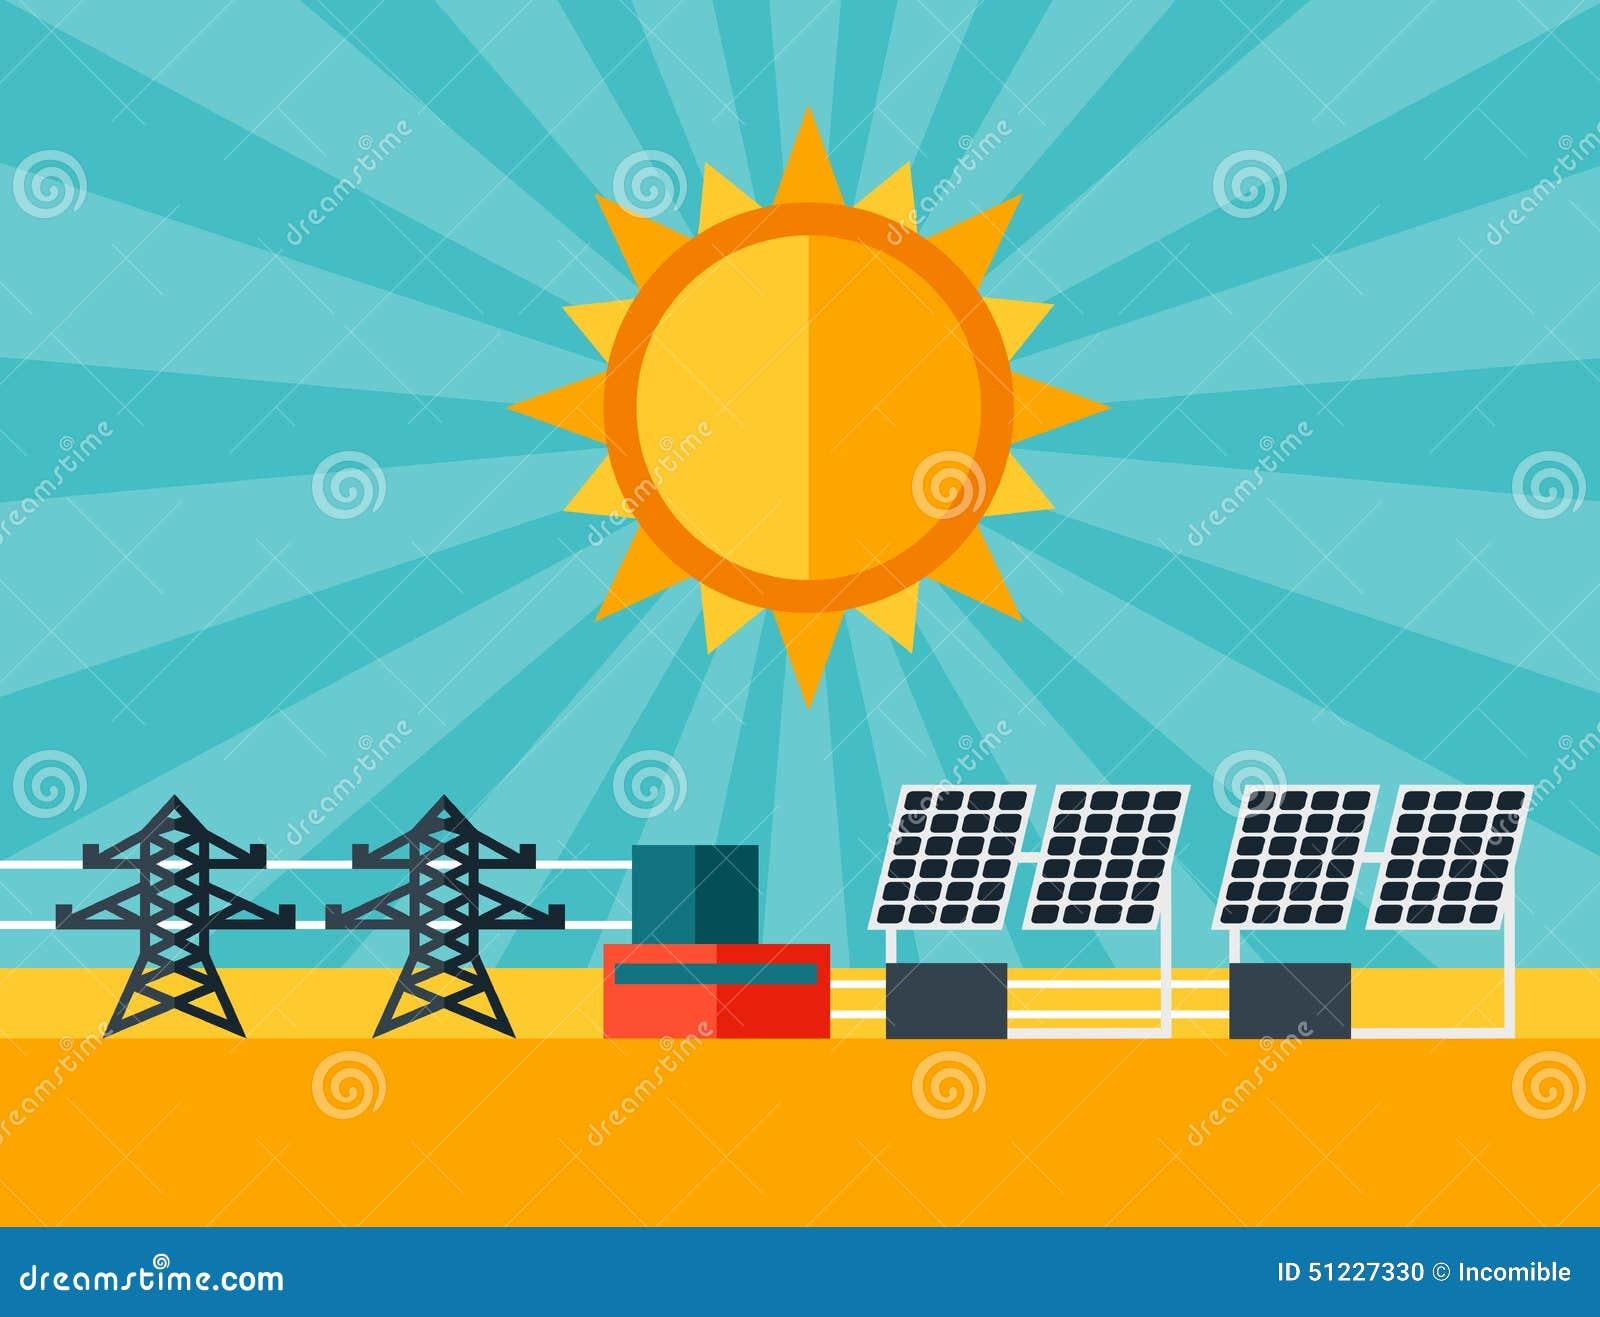 Ejemplo De La Central El 233 Ctrica De Energ 237 A Solar En Plano